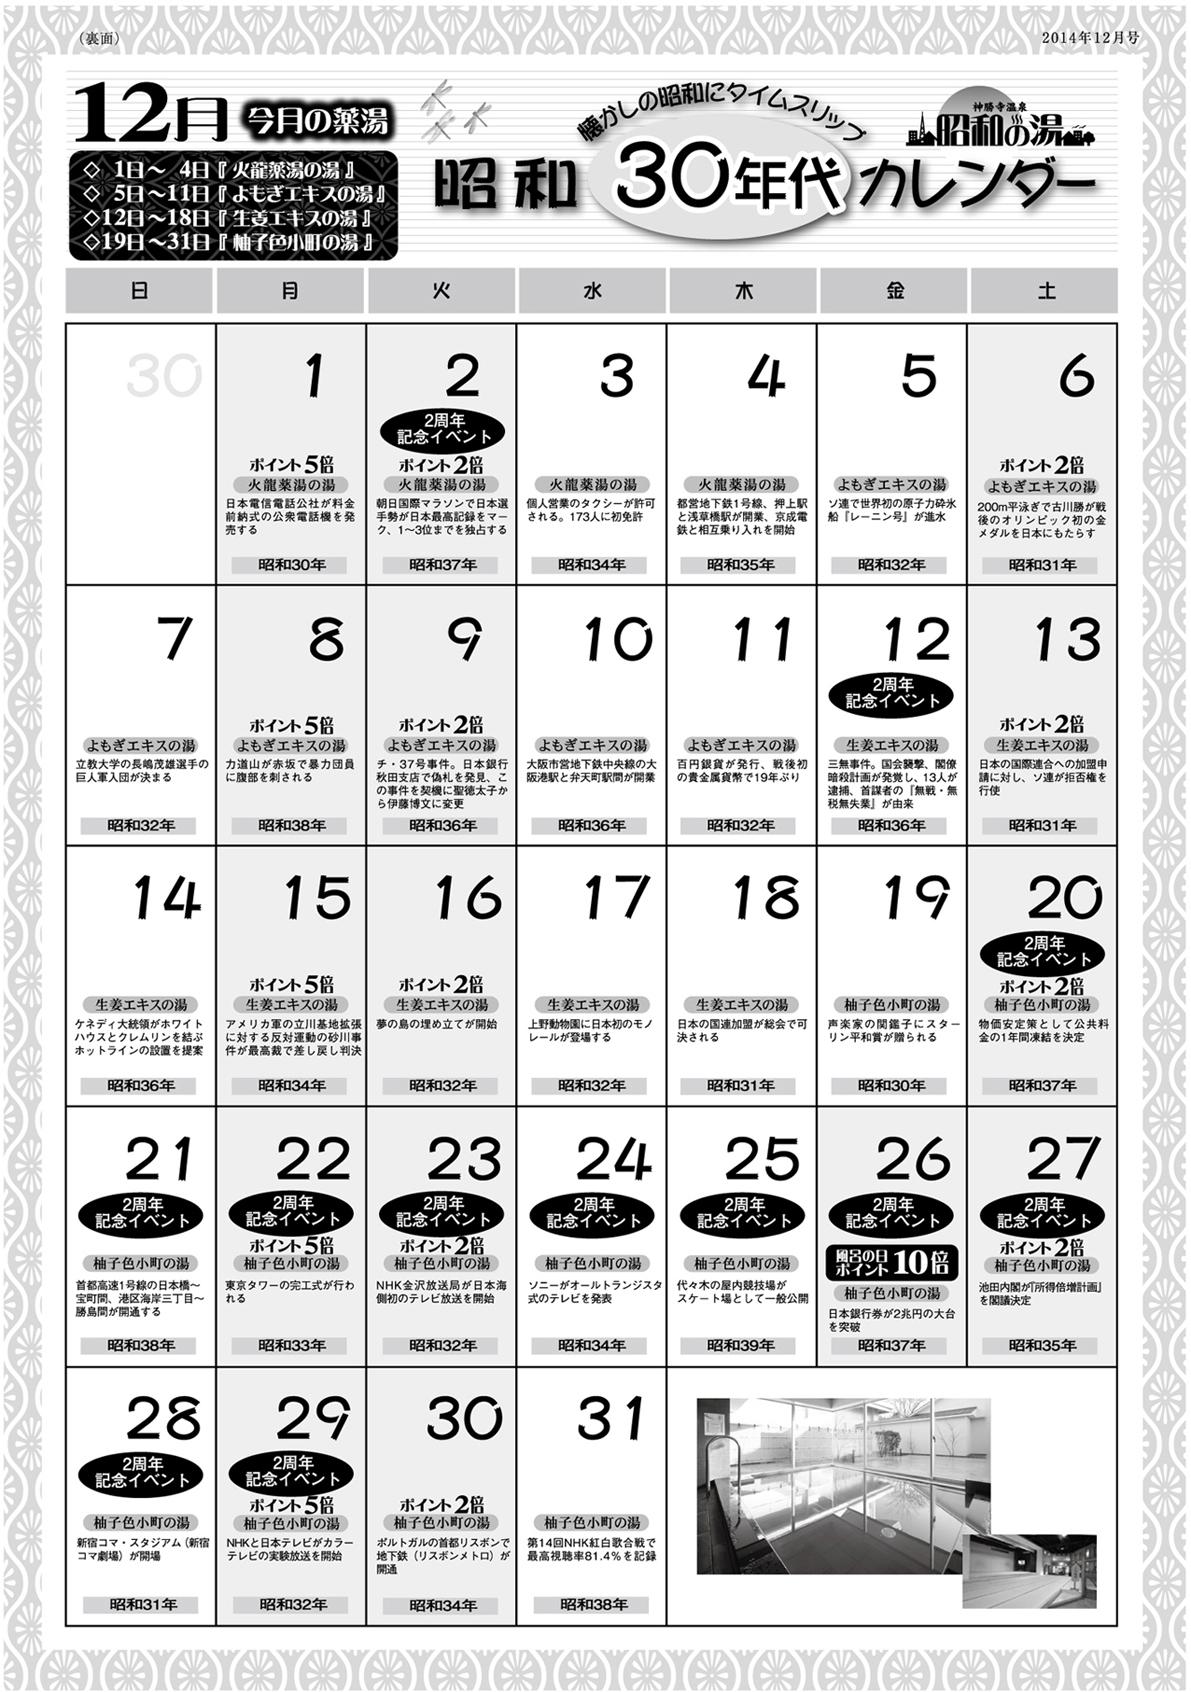 <薬湯カレンダーはこちら>かわら版12月号